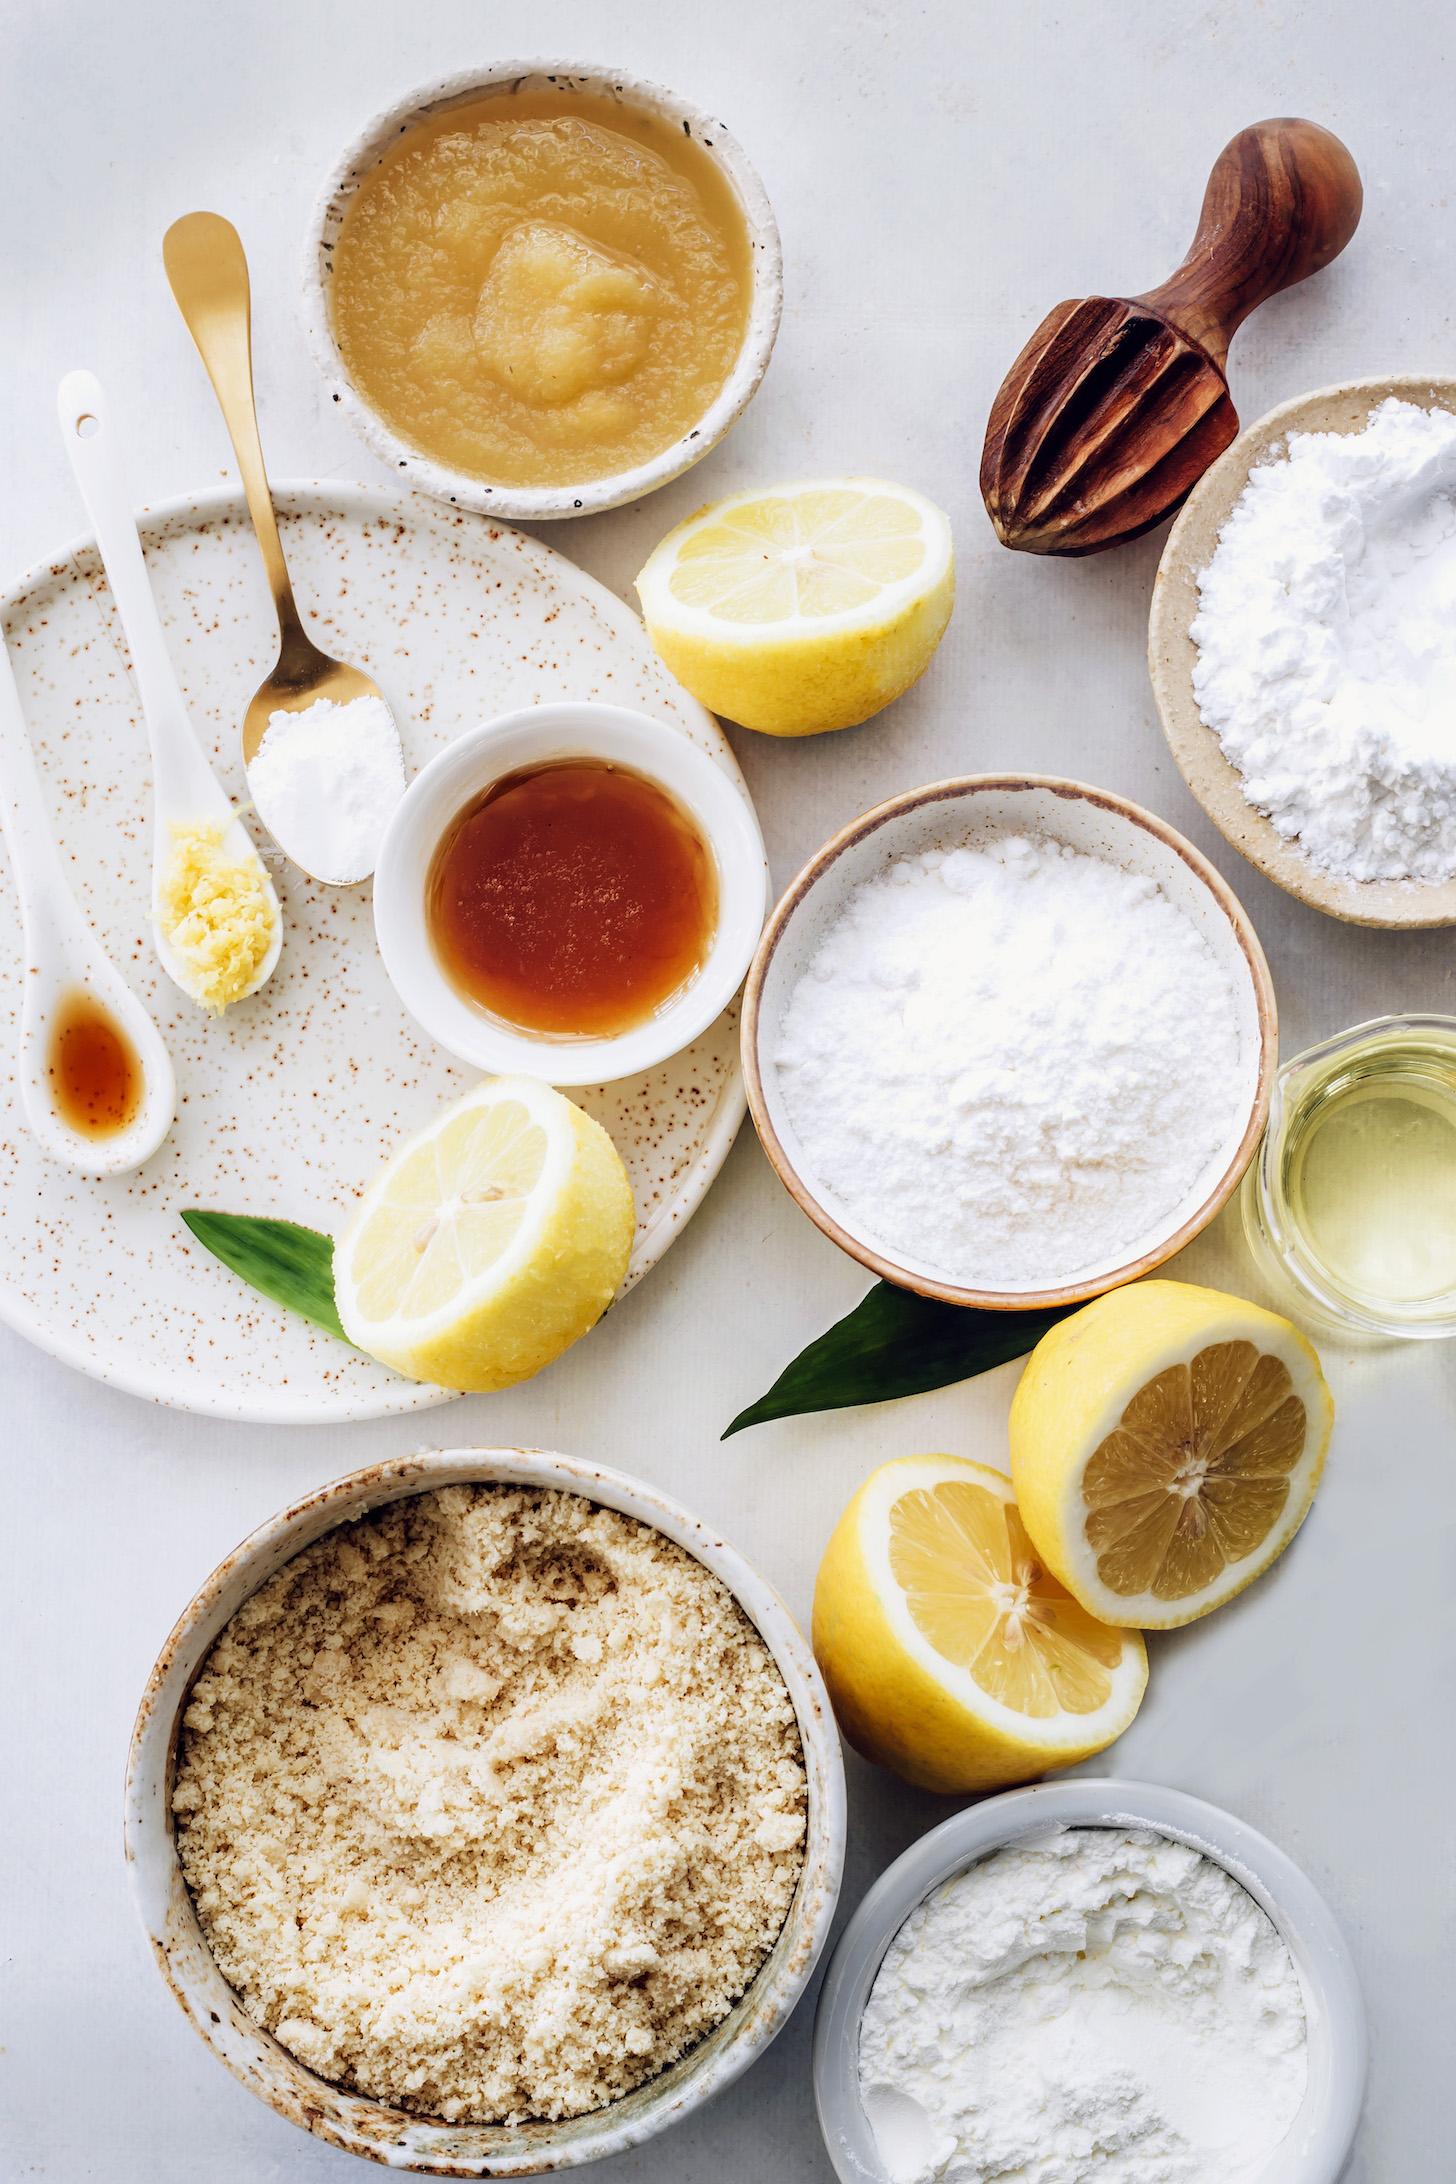 Gluténmentes lisztek, almaszósz, citrom, juharszirup, avokádóolaj, vanília és sütőpor